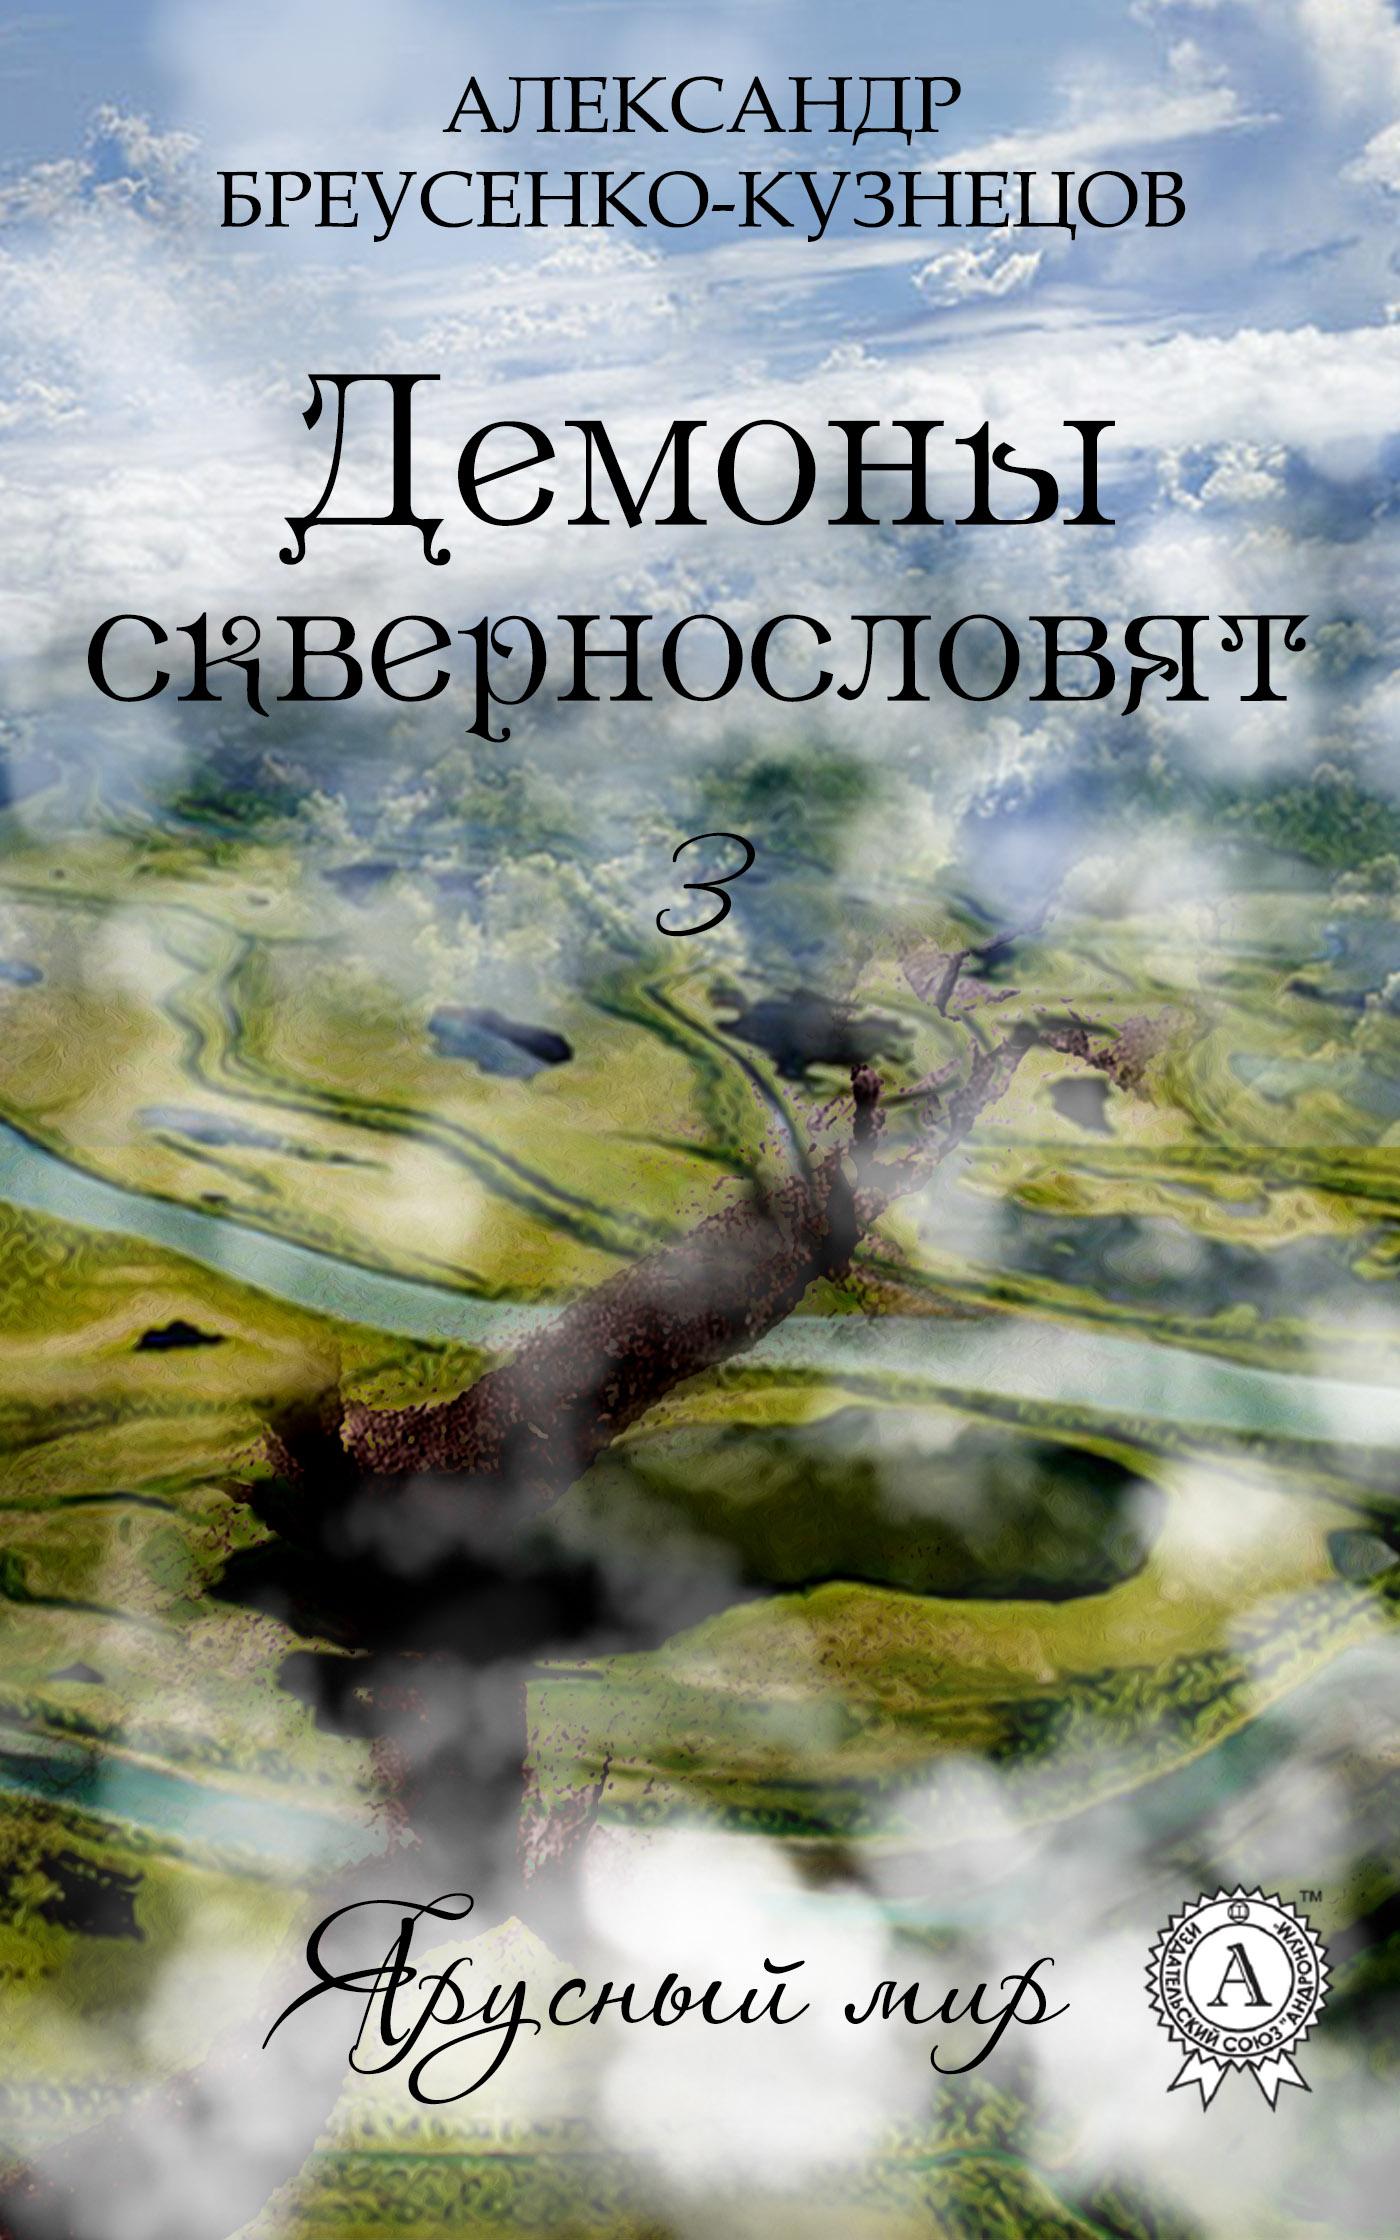 cover-3 Demon.jpg